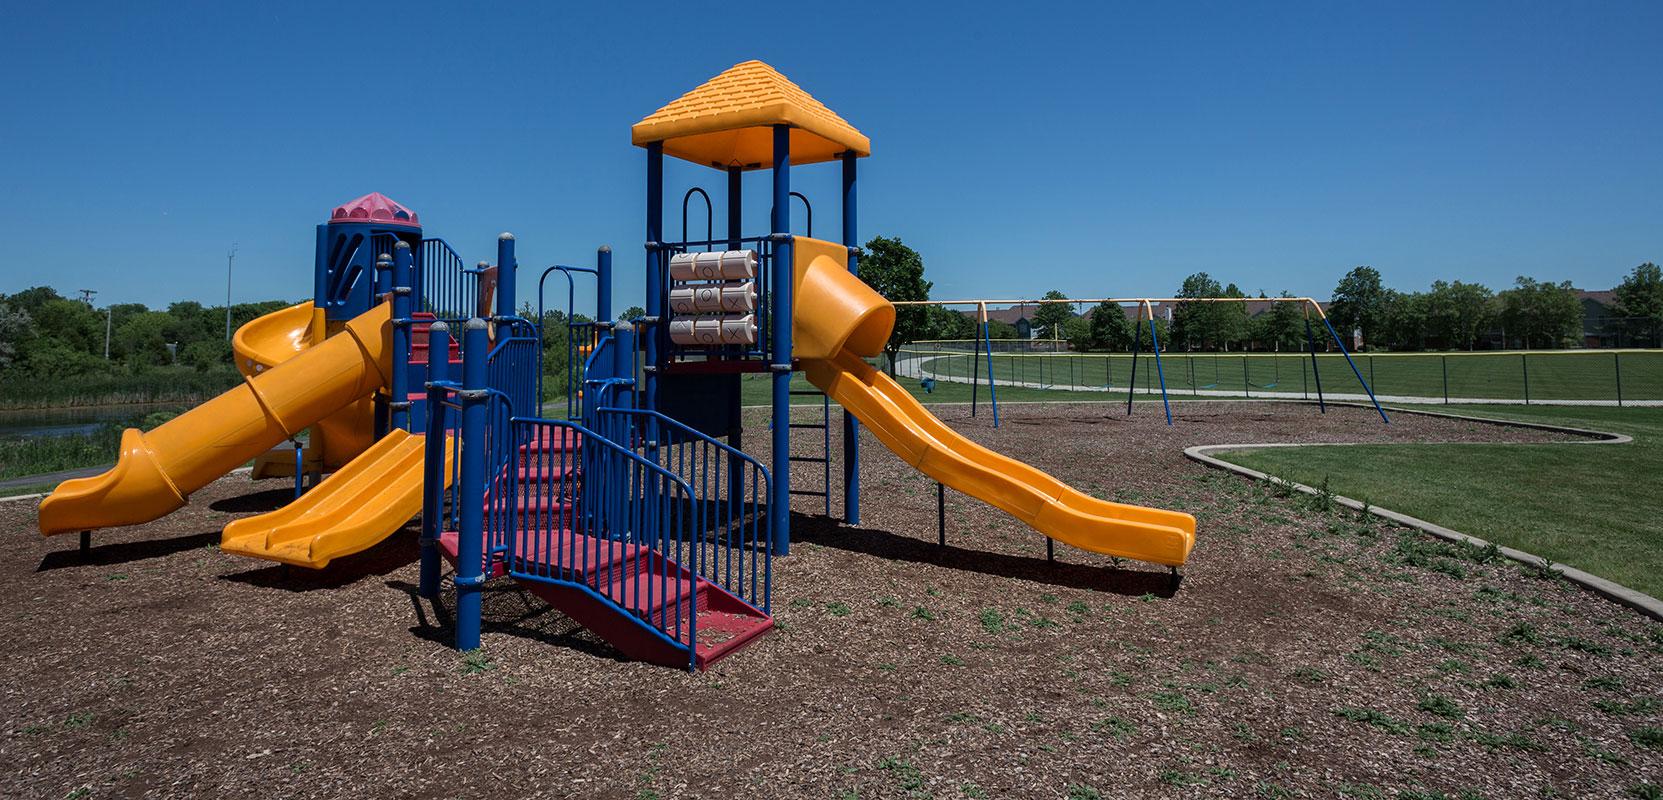 Odlum Park